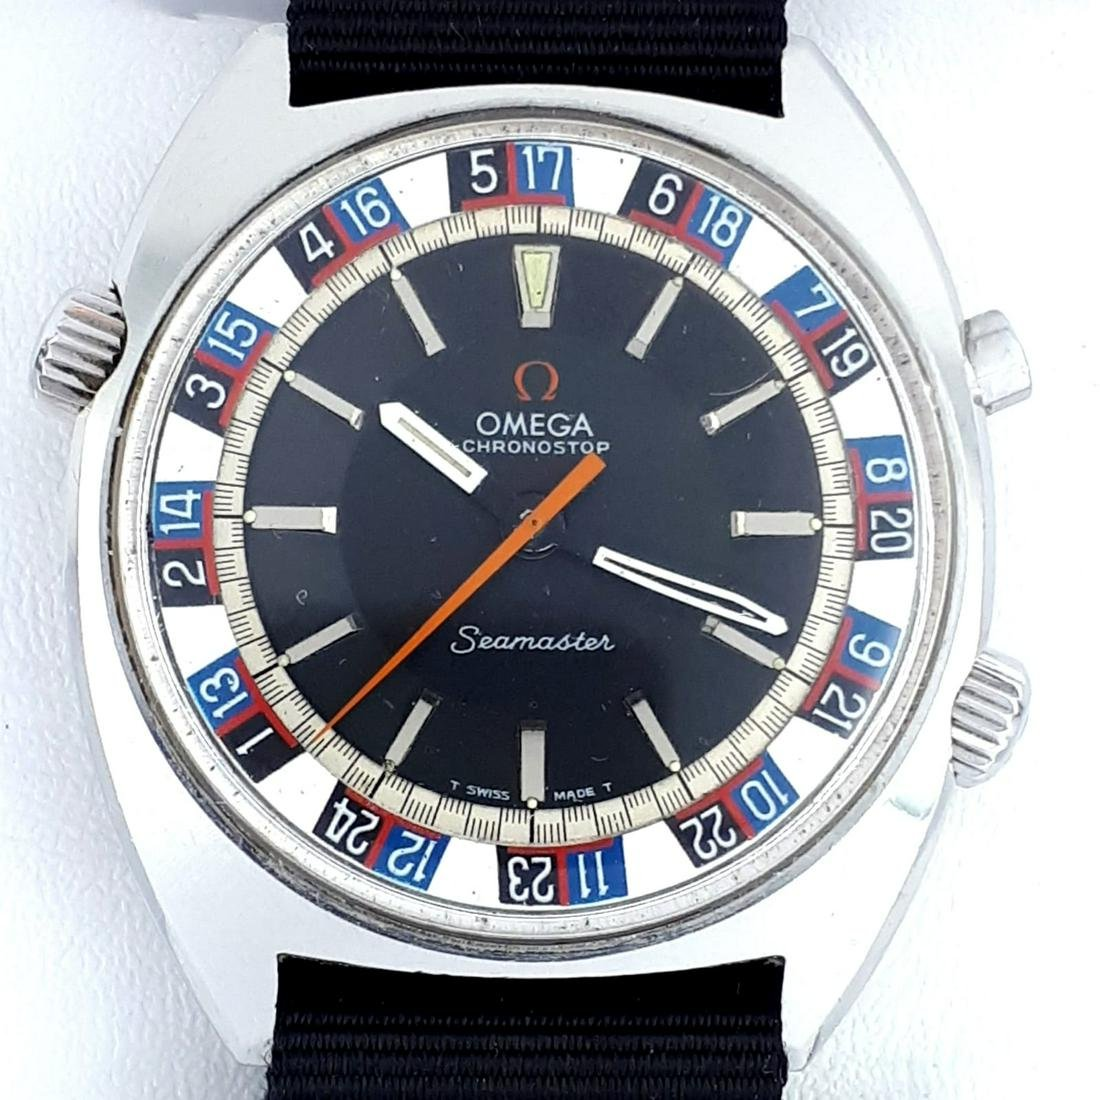 Omega - Seamaster Roulette - 145008 - Men - 1970-1979